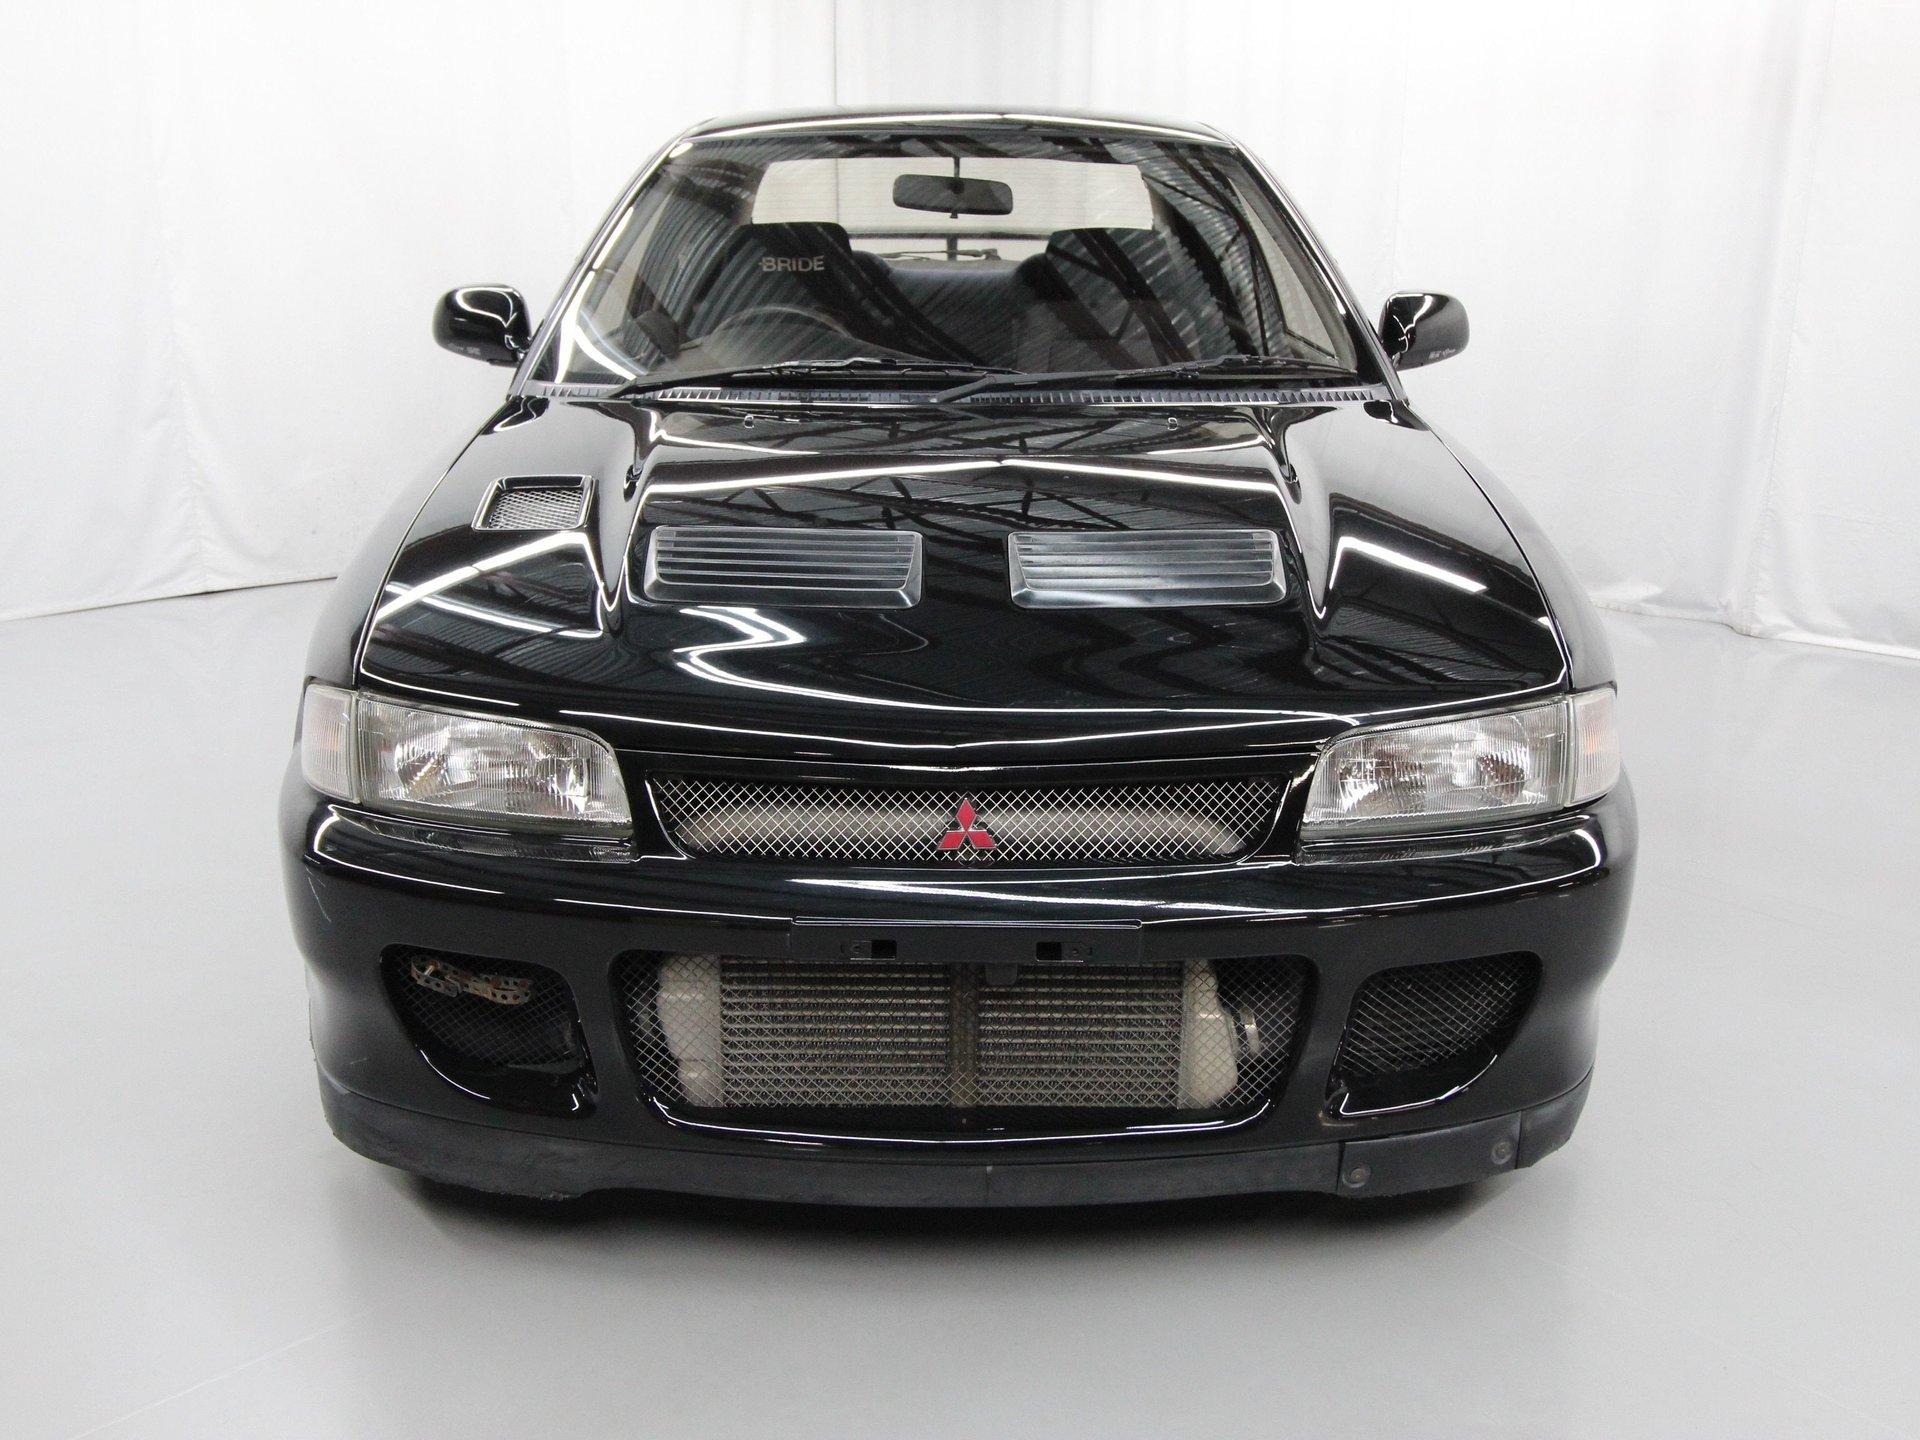 1993 Mitsubishi Lancer